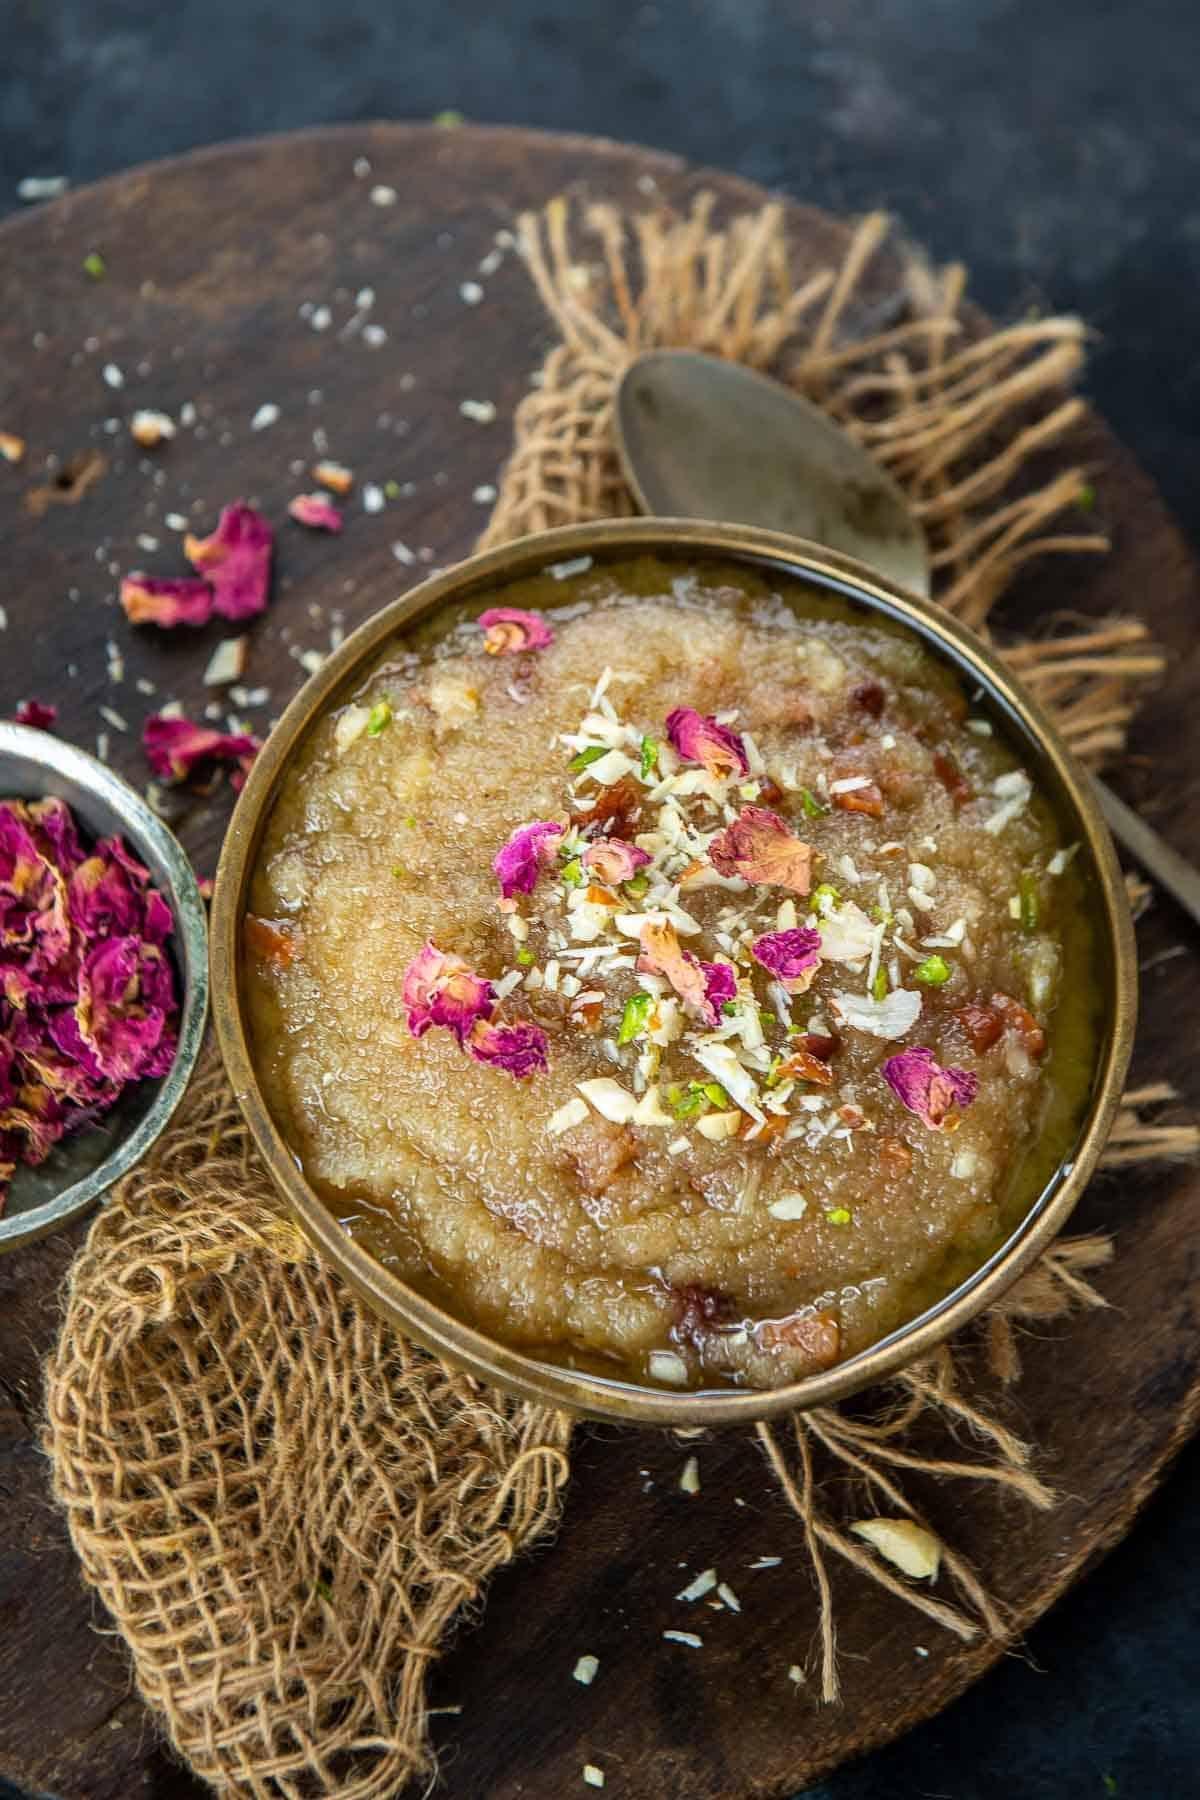 Sooji halwa served in a bowl.